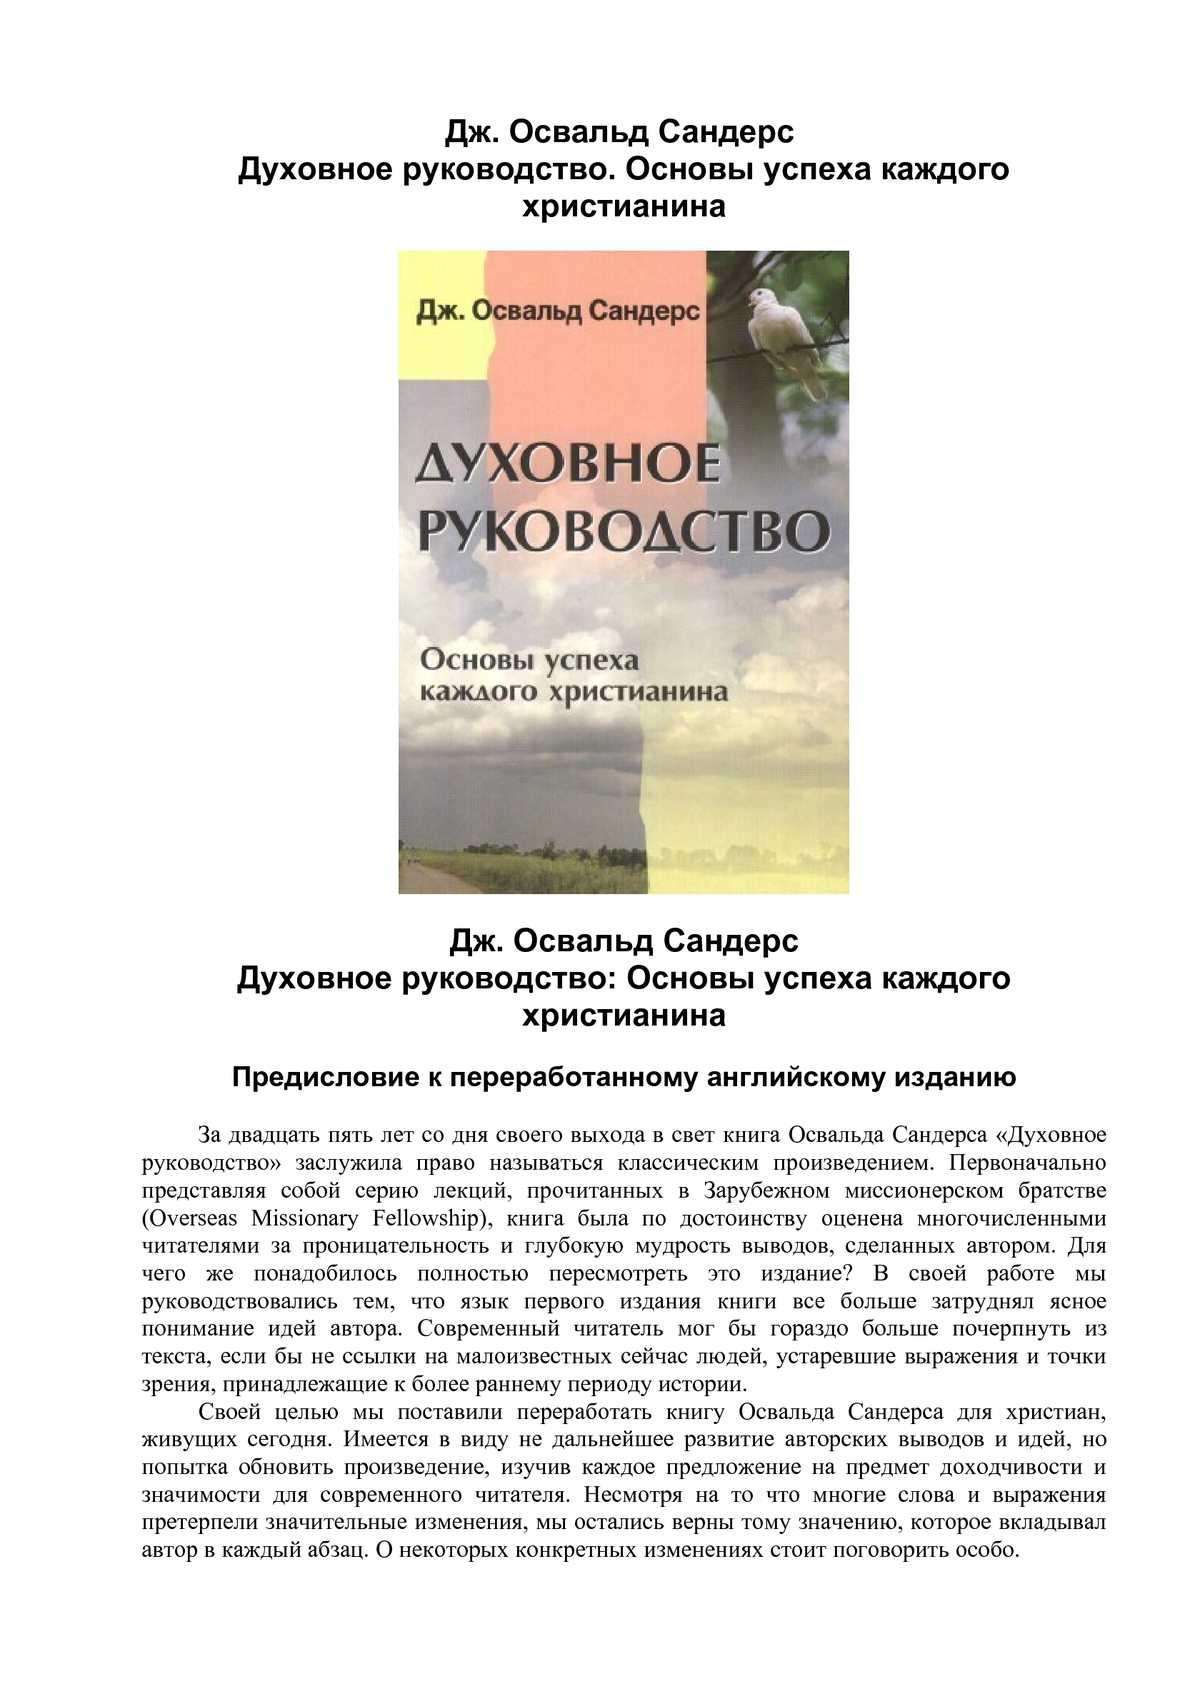 Духовное руководство  -  Дж. Освальд Сандерс